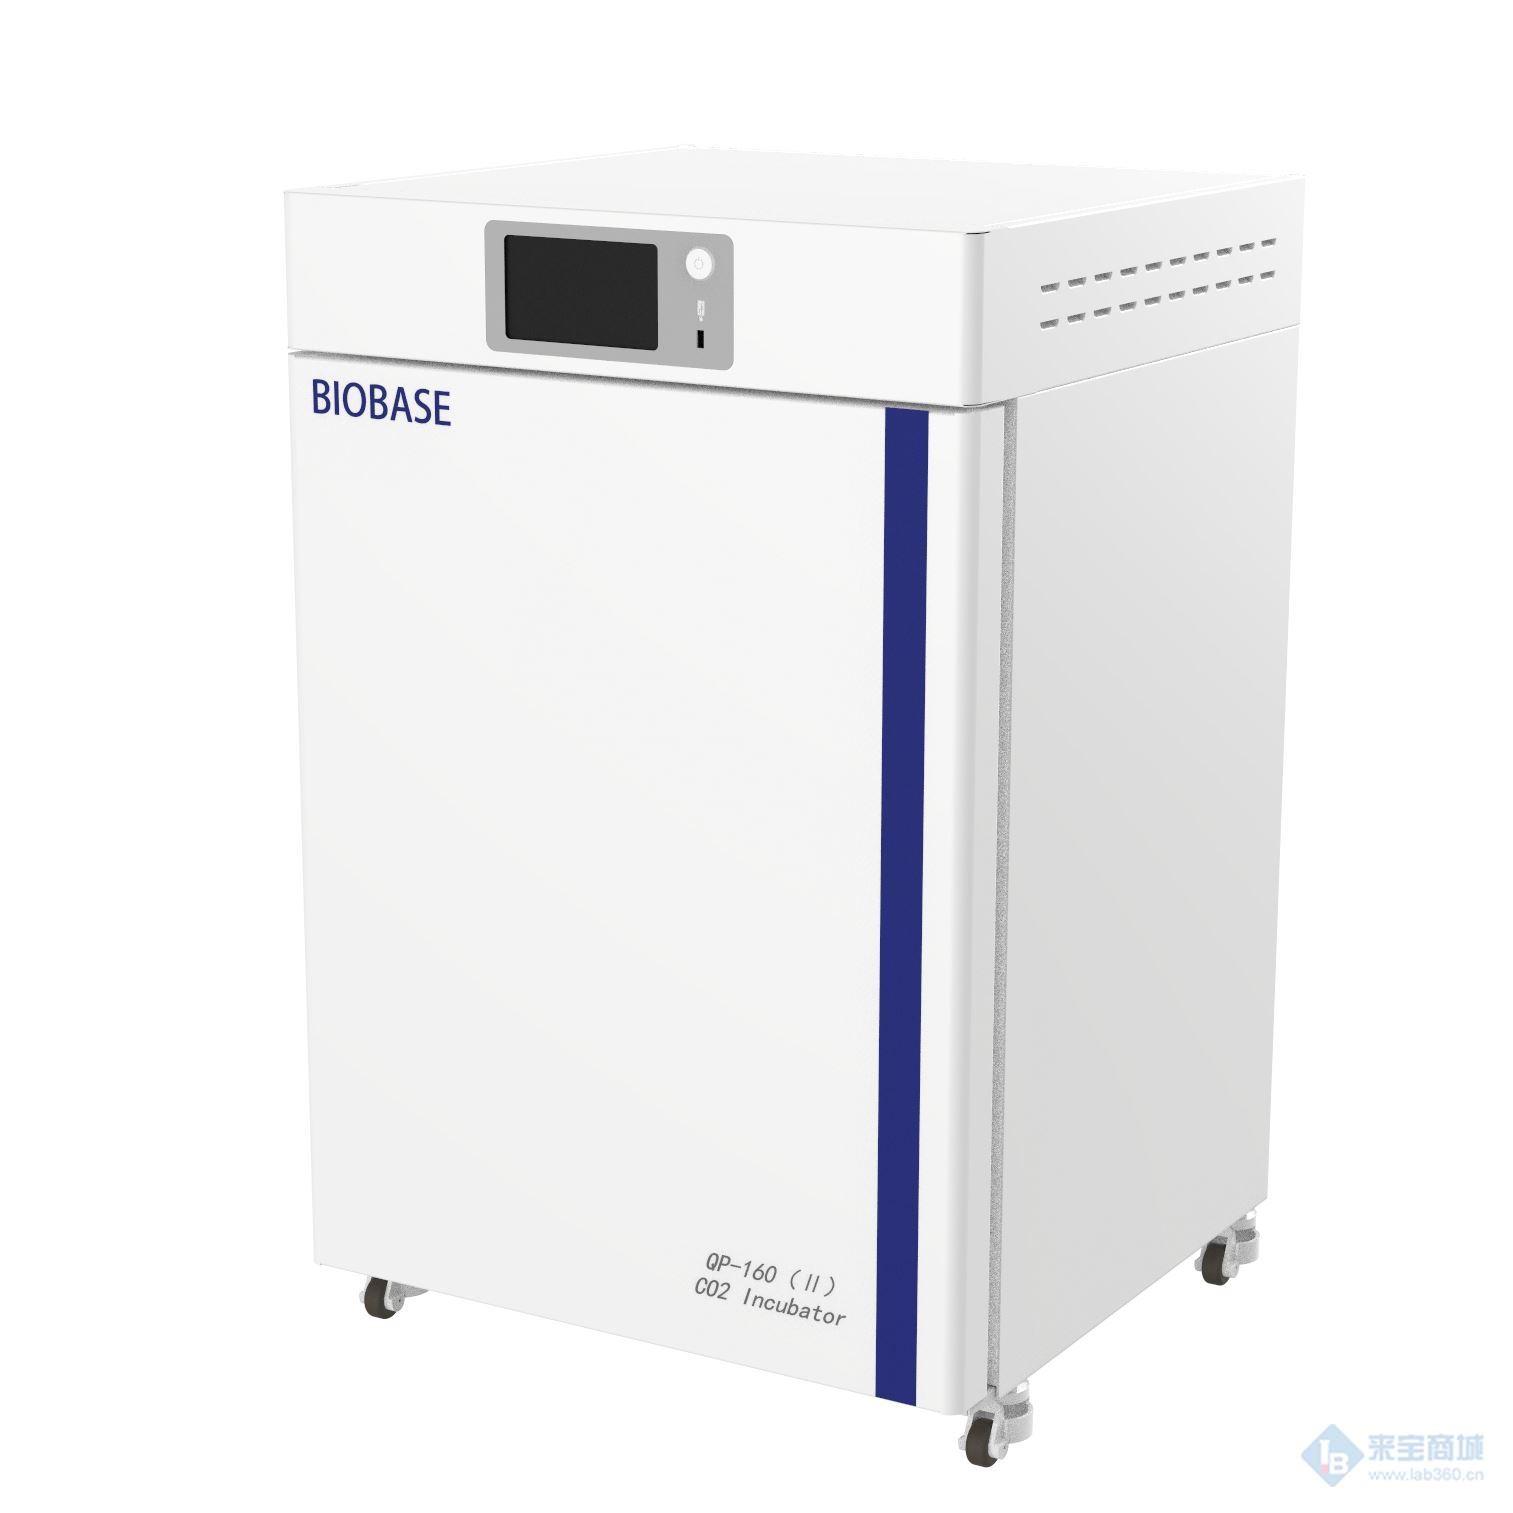 氣套式二氧化碳培養箱QP-160